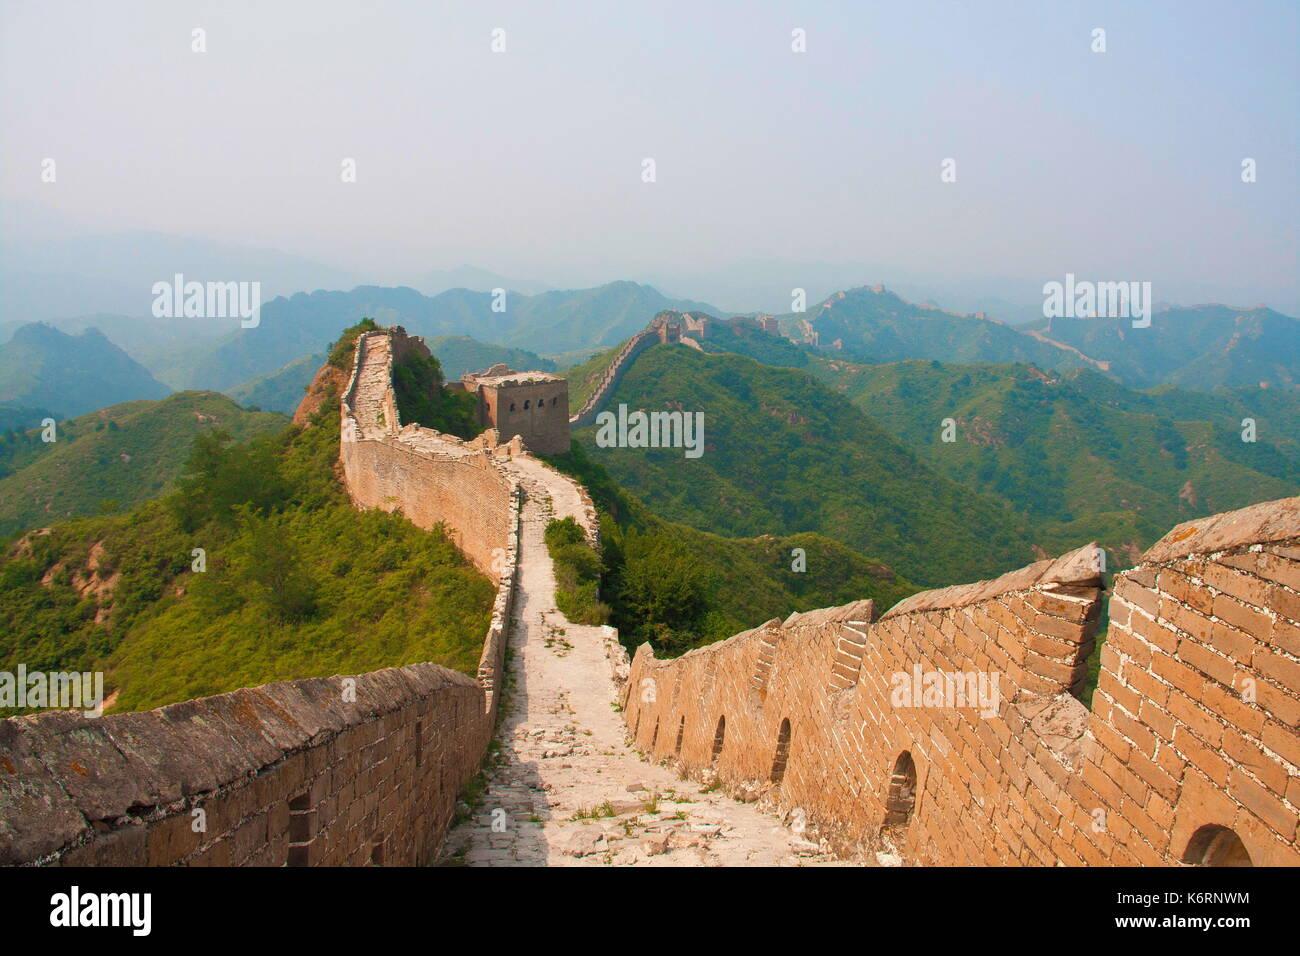 Trekking und Wandern die große Wand im Sommer. Peking, China Stockbild